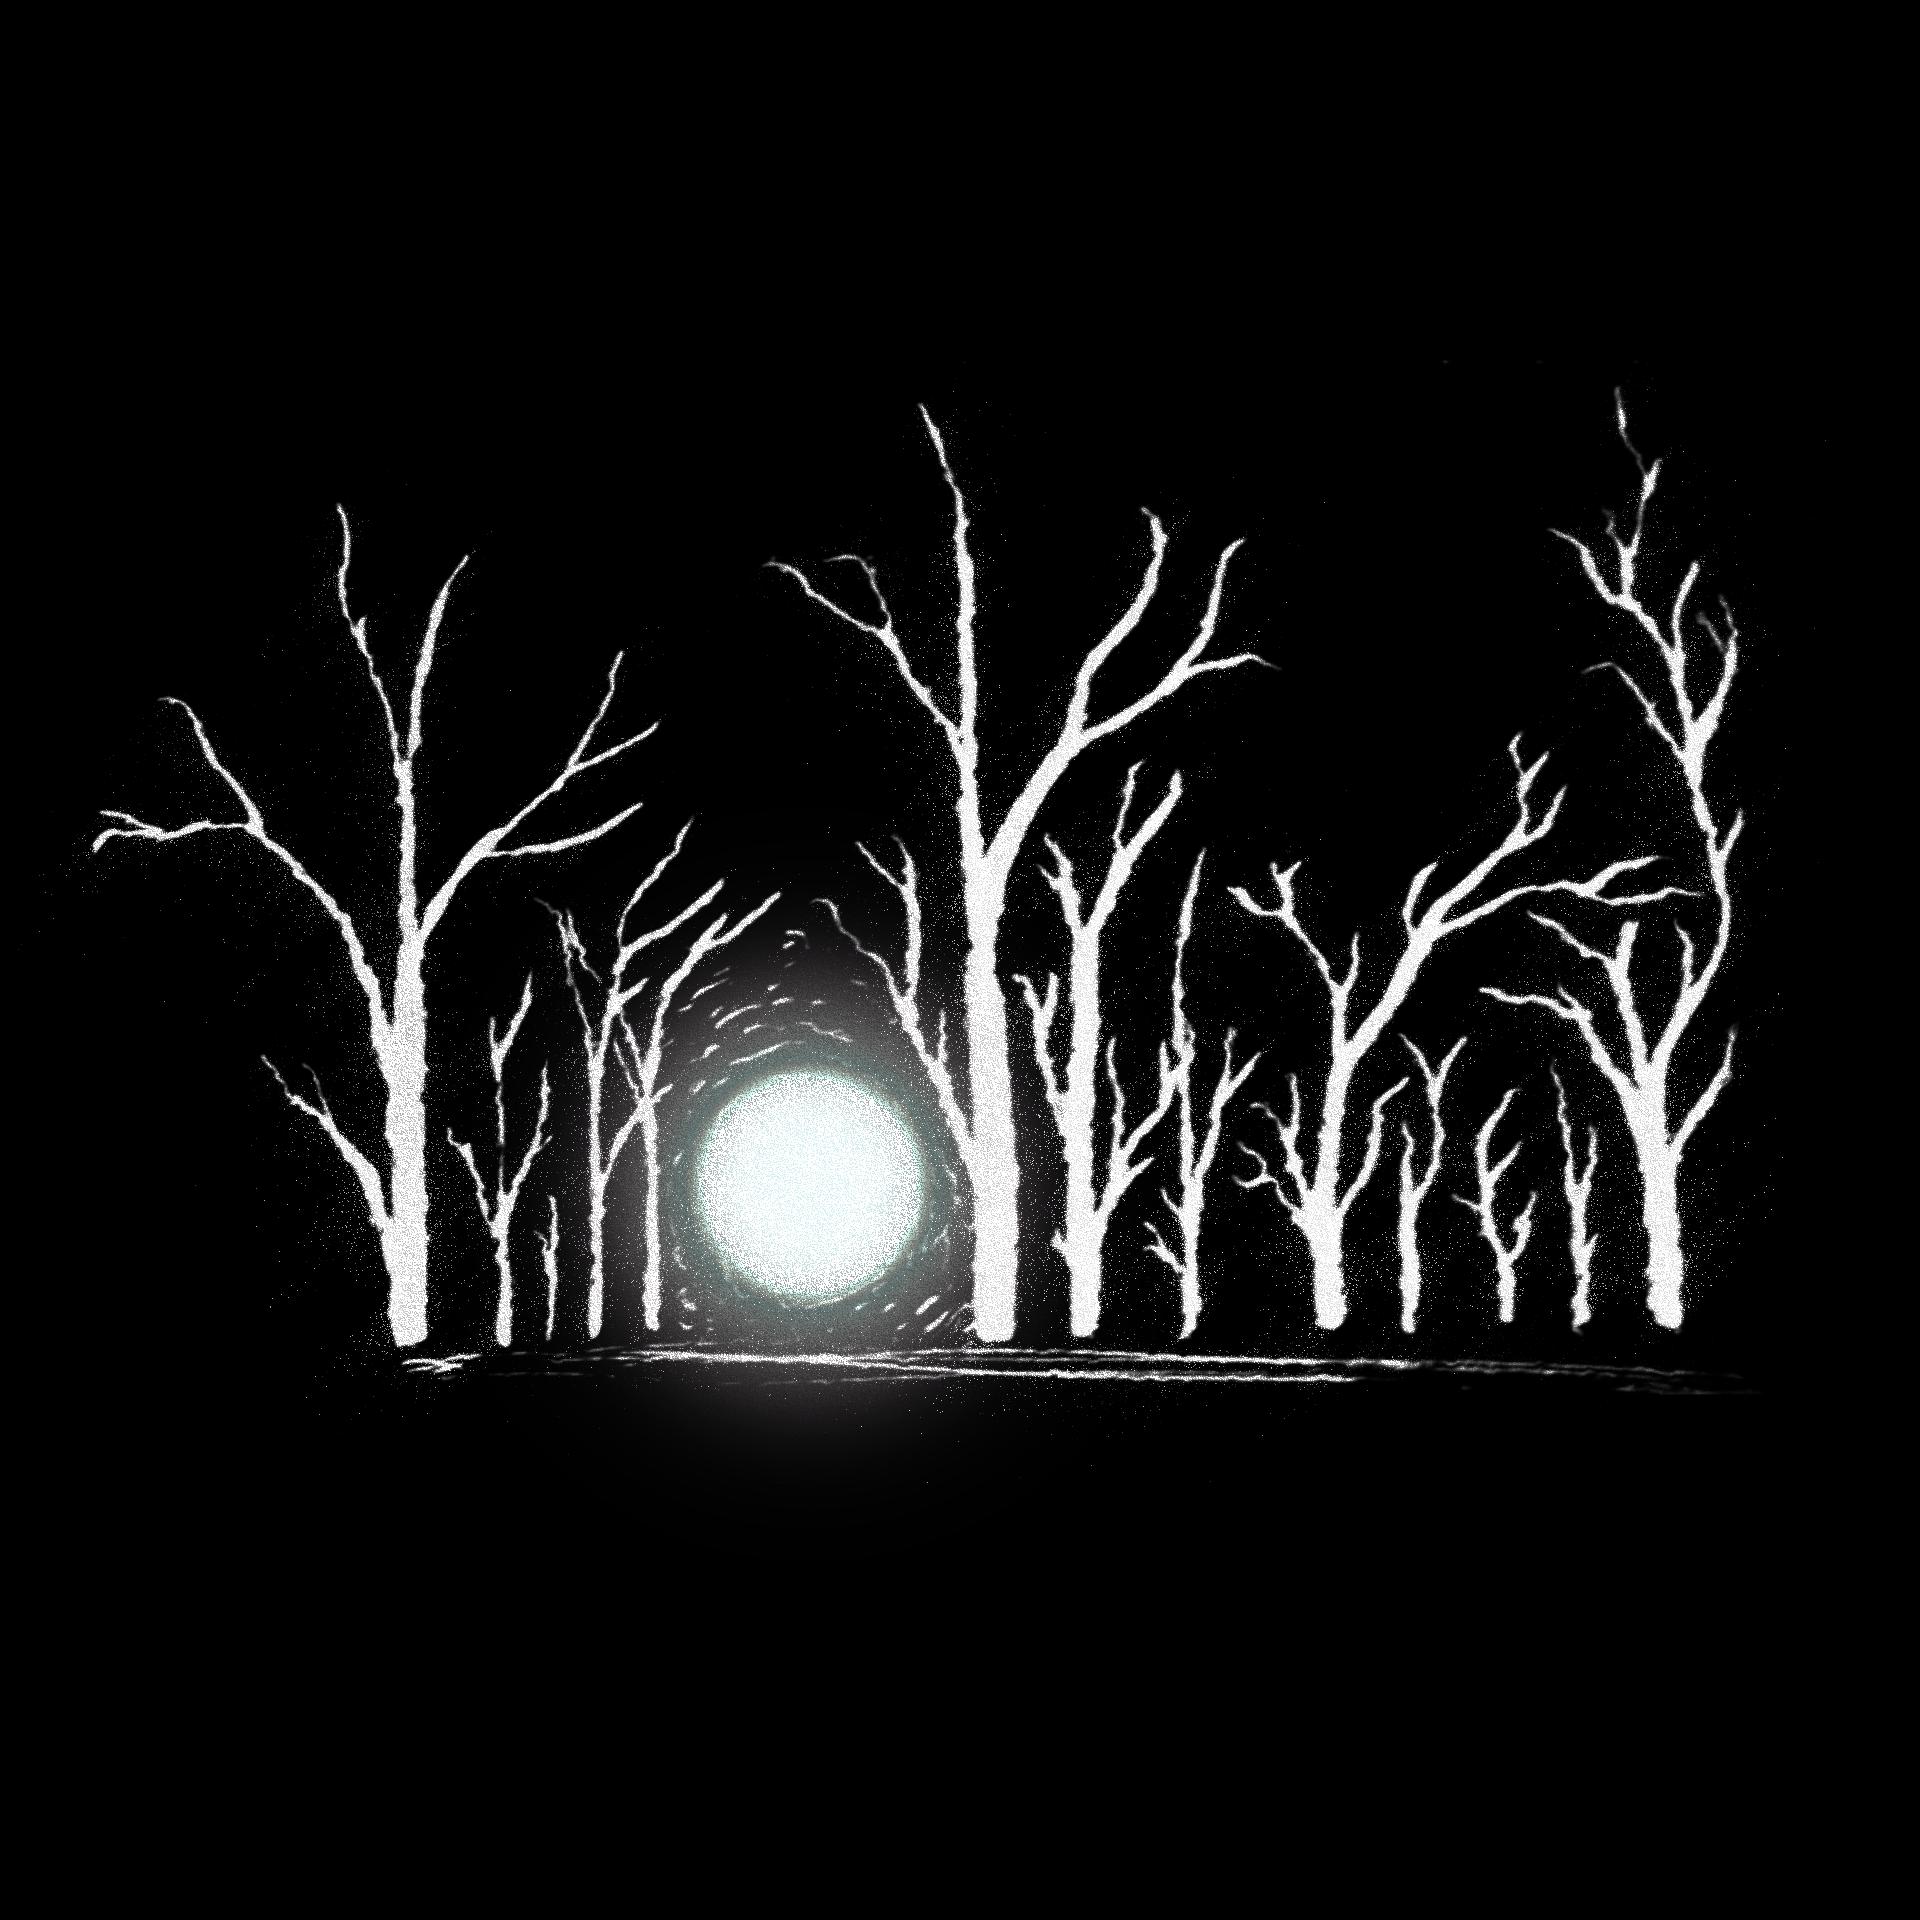 Gleix - Through the Trees